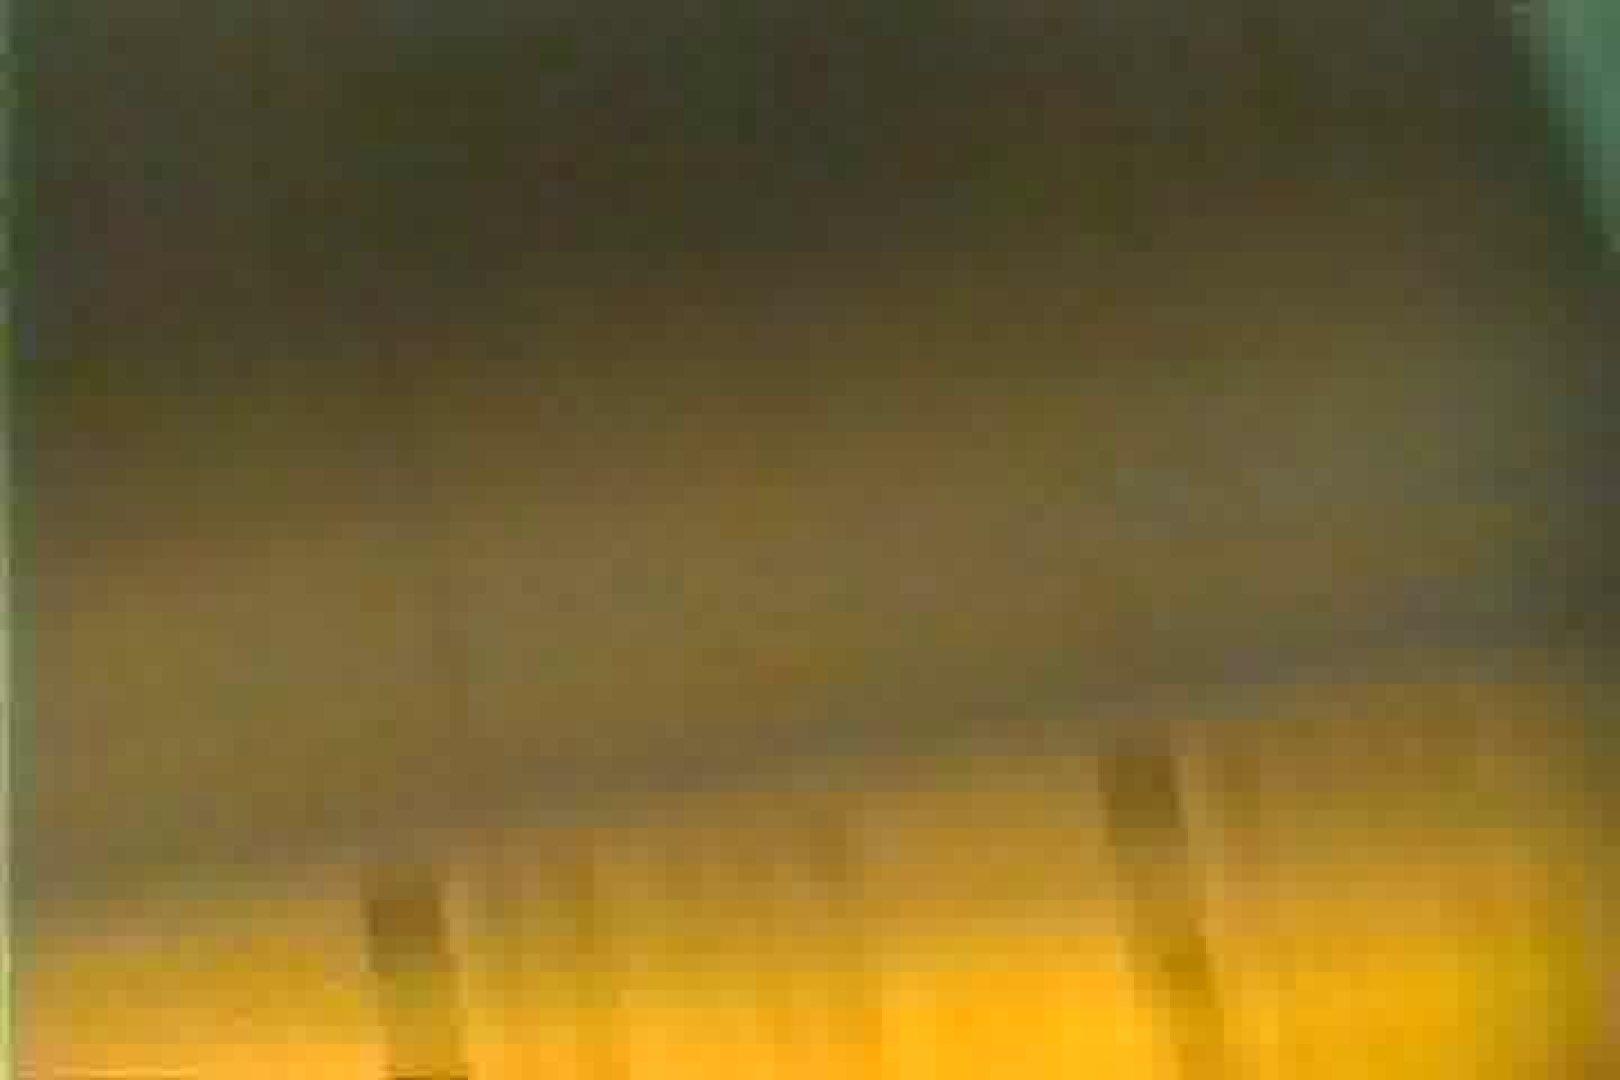 「ちくりん」さんのオリジナル未編集パンチラVol.9_02 美しいOLの裸体 セックス画像 77pic 77